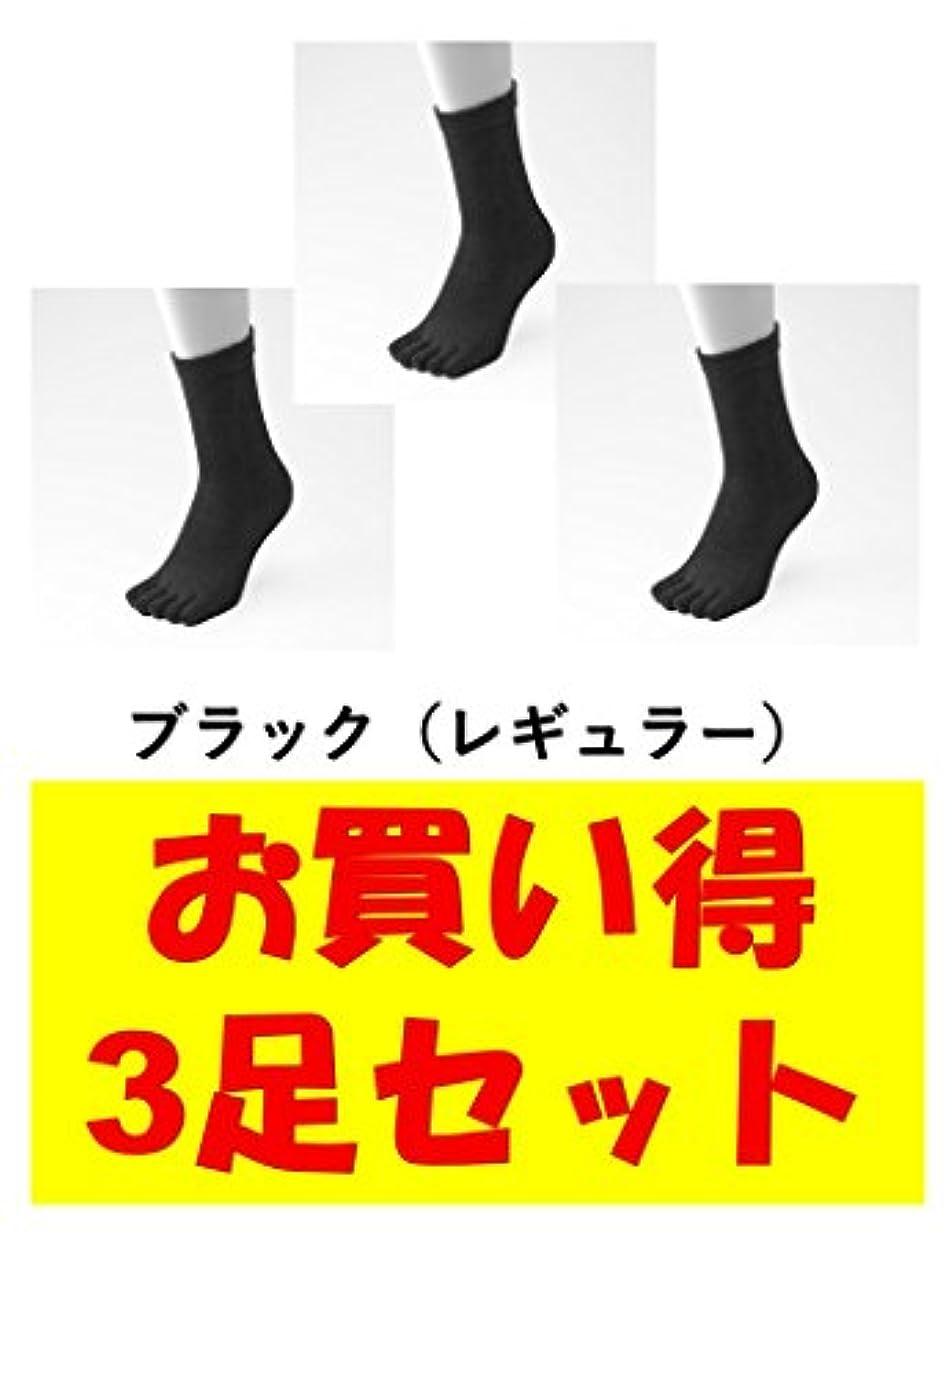 お買い得3足セット 5本指 ゆびのばソックス ゆびのばレギュラー ブラック 女性用 22.0cm-25.5cm HSREGR-BLK